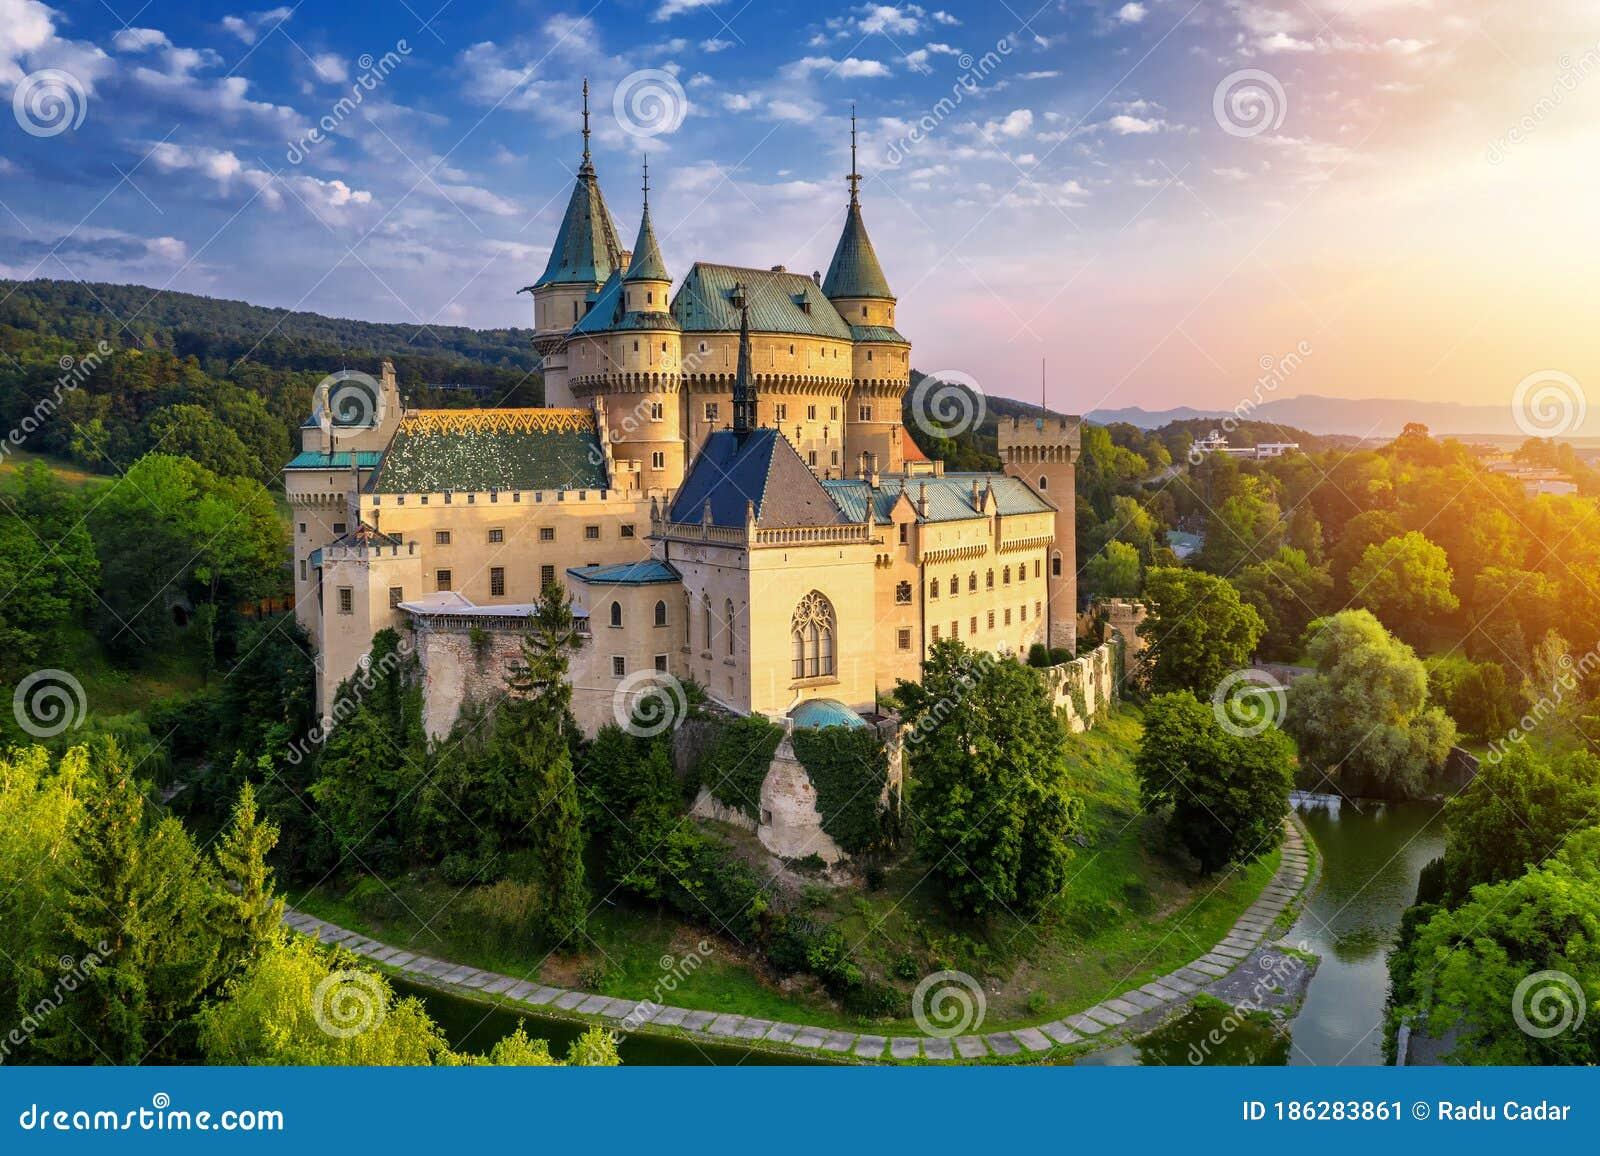 Vista Aérea Del Castillo Medieval De Bojnice Patrimonio De